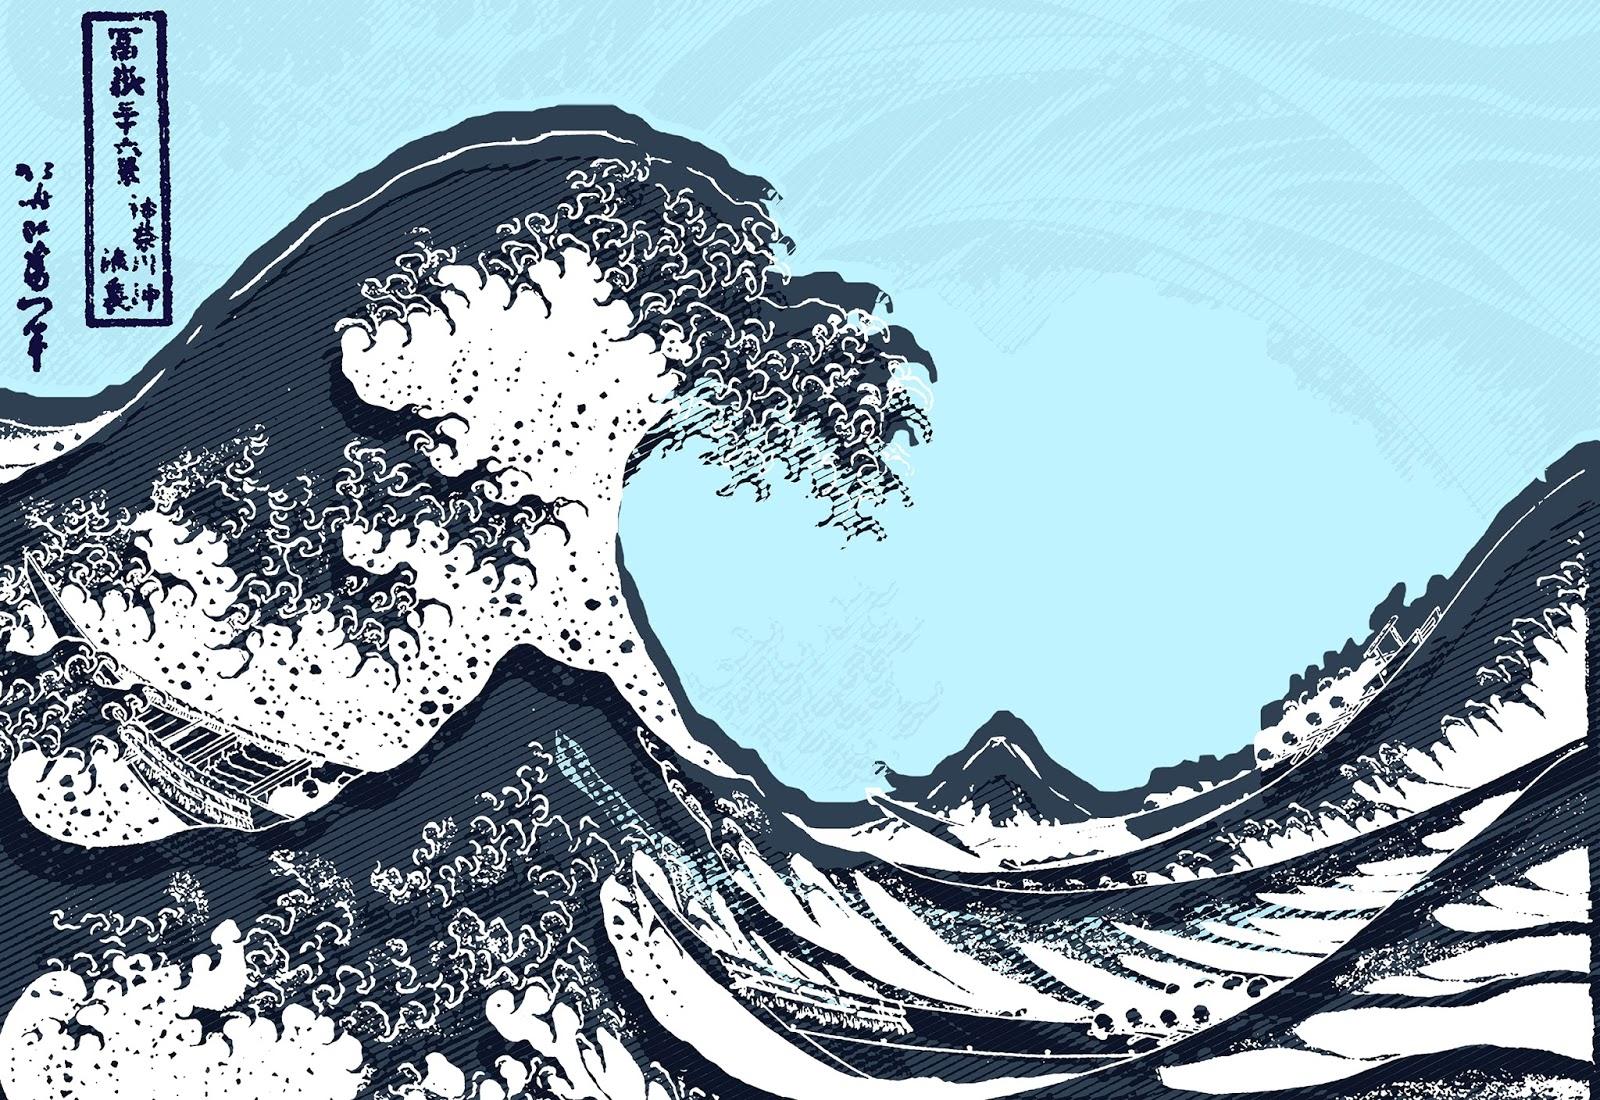 7801a4bf9 En vue de l'exposition du grand maître Hokussai au grand palais, Uniqlo a  organisé un concours, ou il s'agissait de revisiter la célèbre Vague de  Kanagawa ...